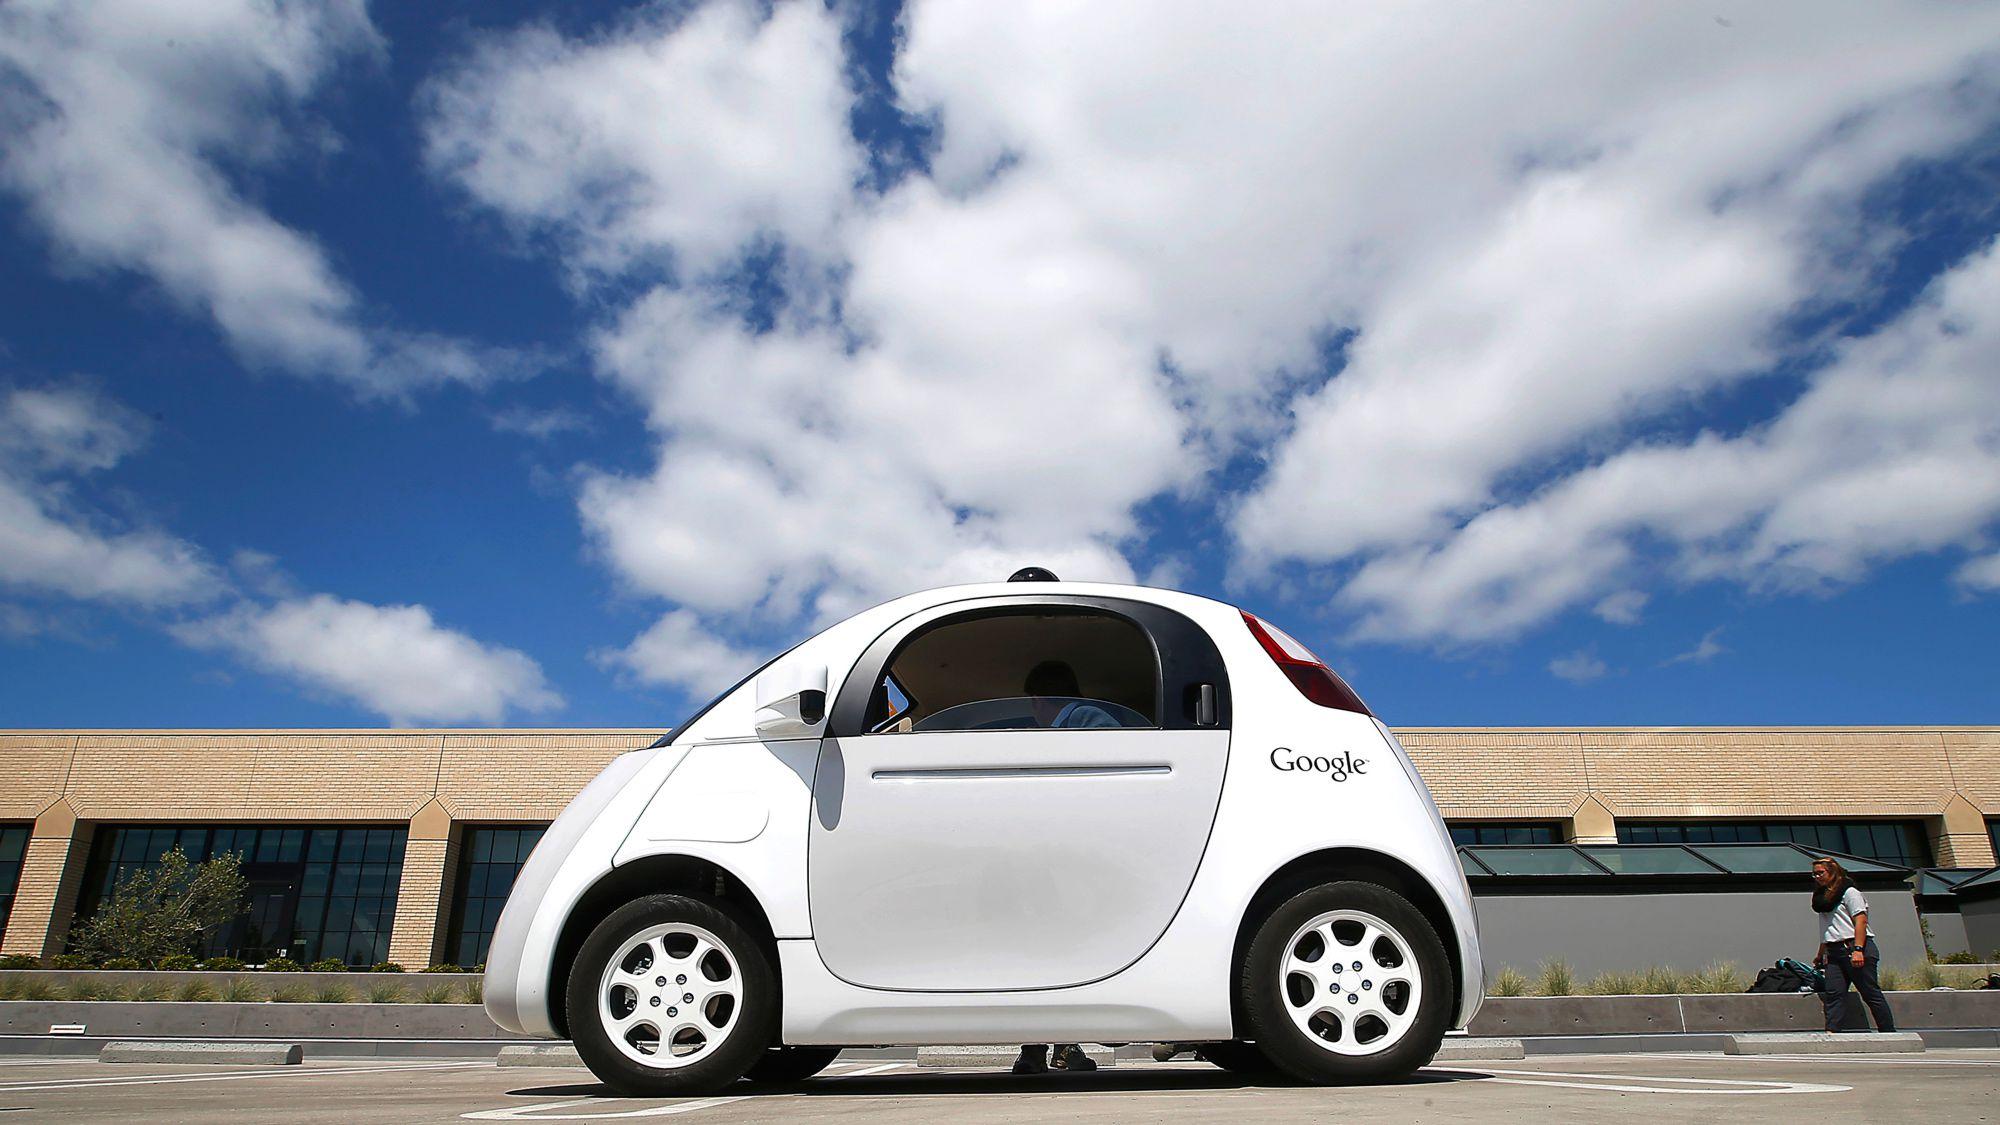 Self-driving car.